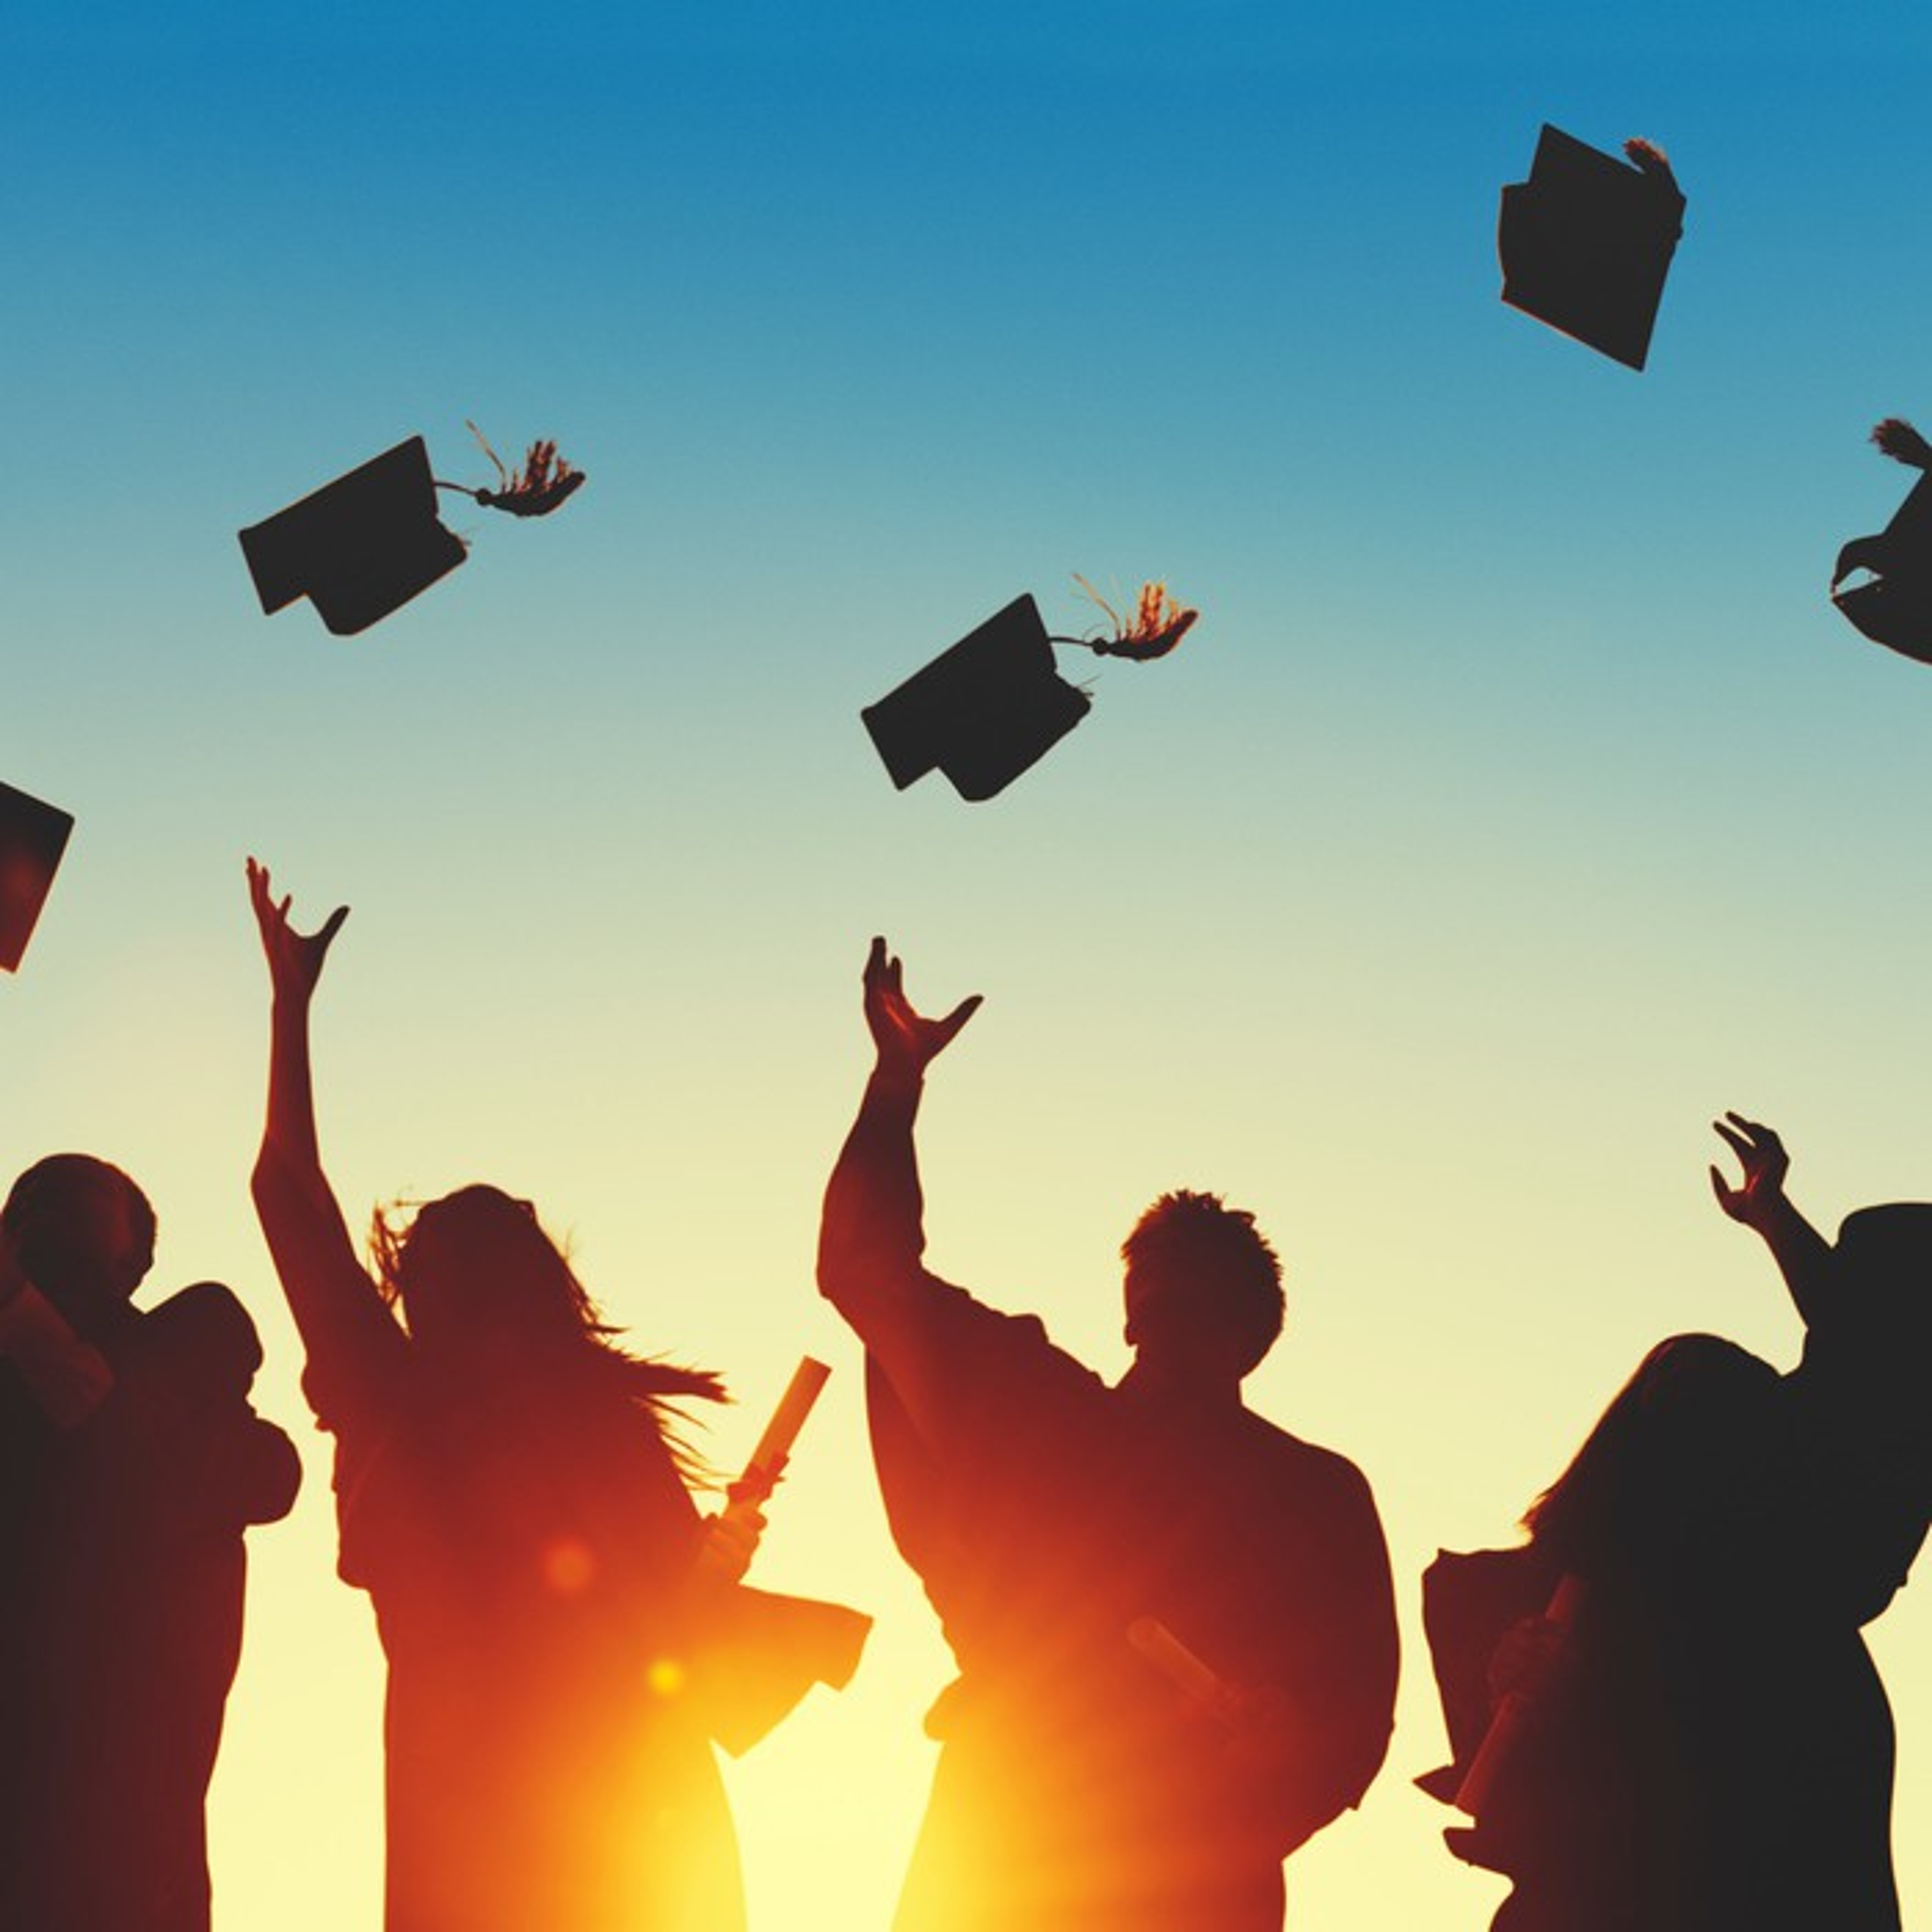 Graduates throw their hats in the air